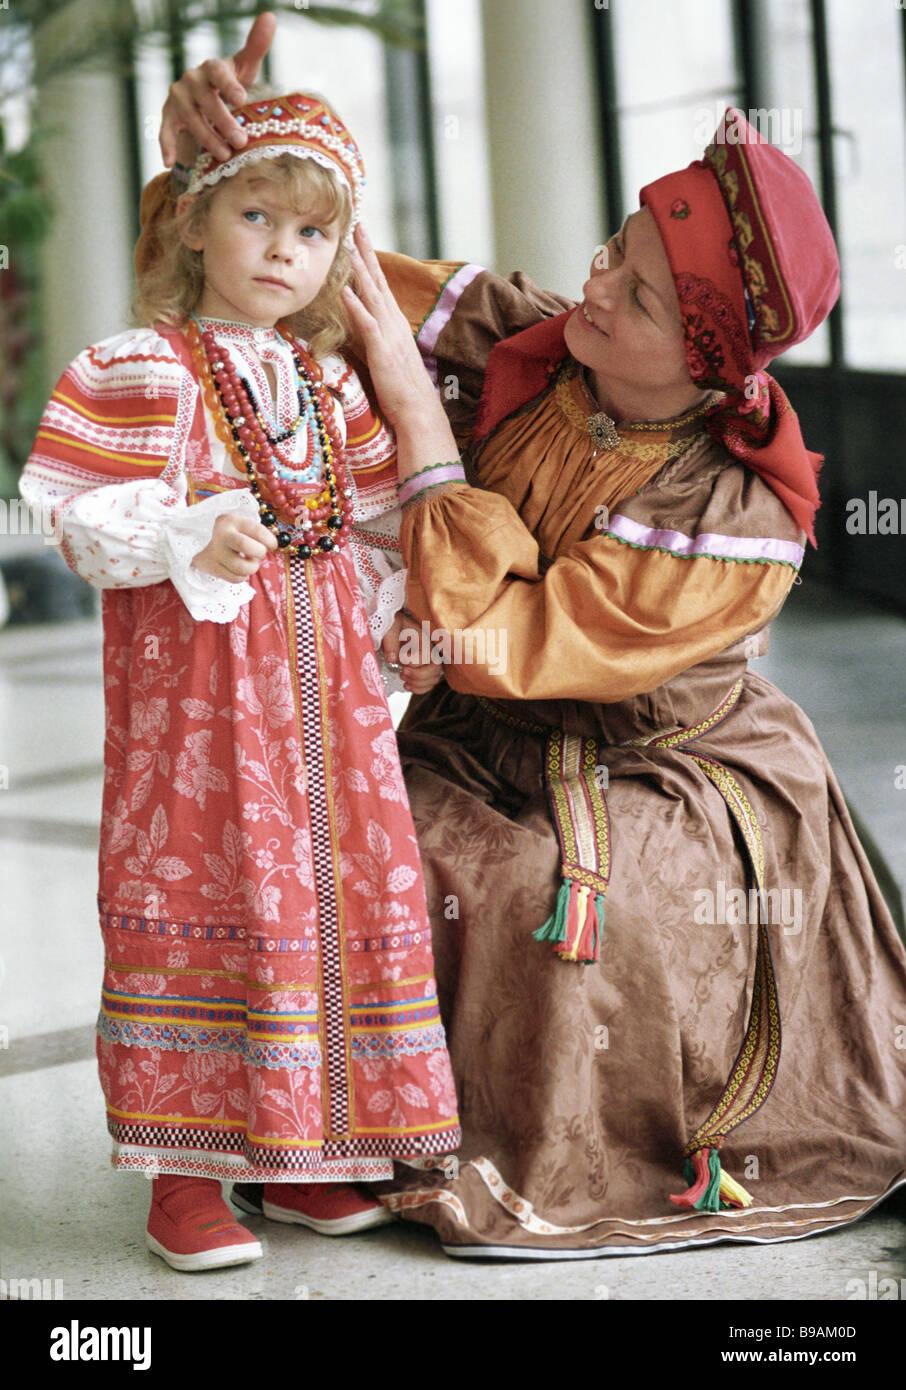 Frau In Traditioneller Tracht Kleider Madchen Teilnehmern Erste Alle